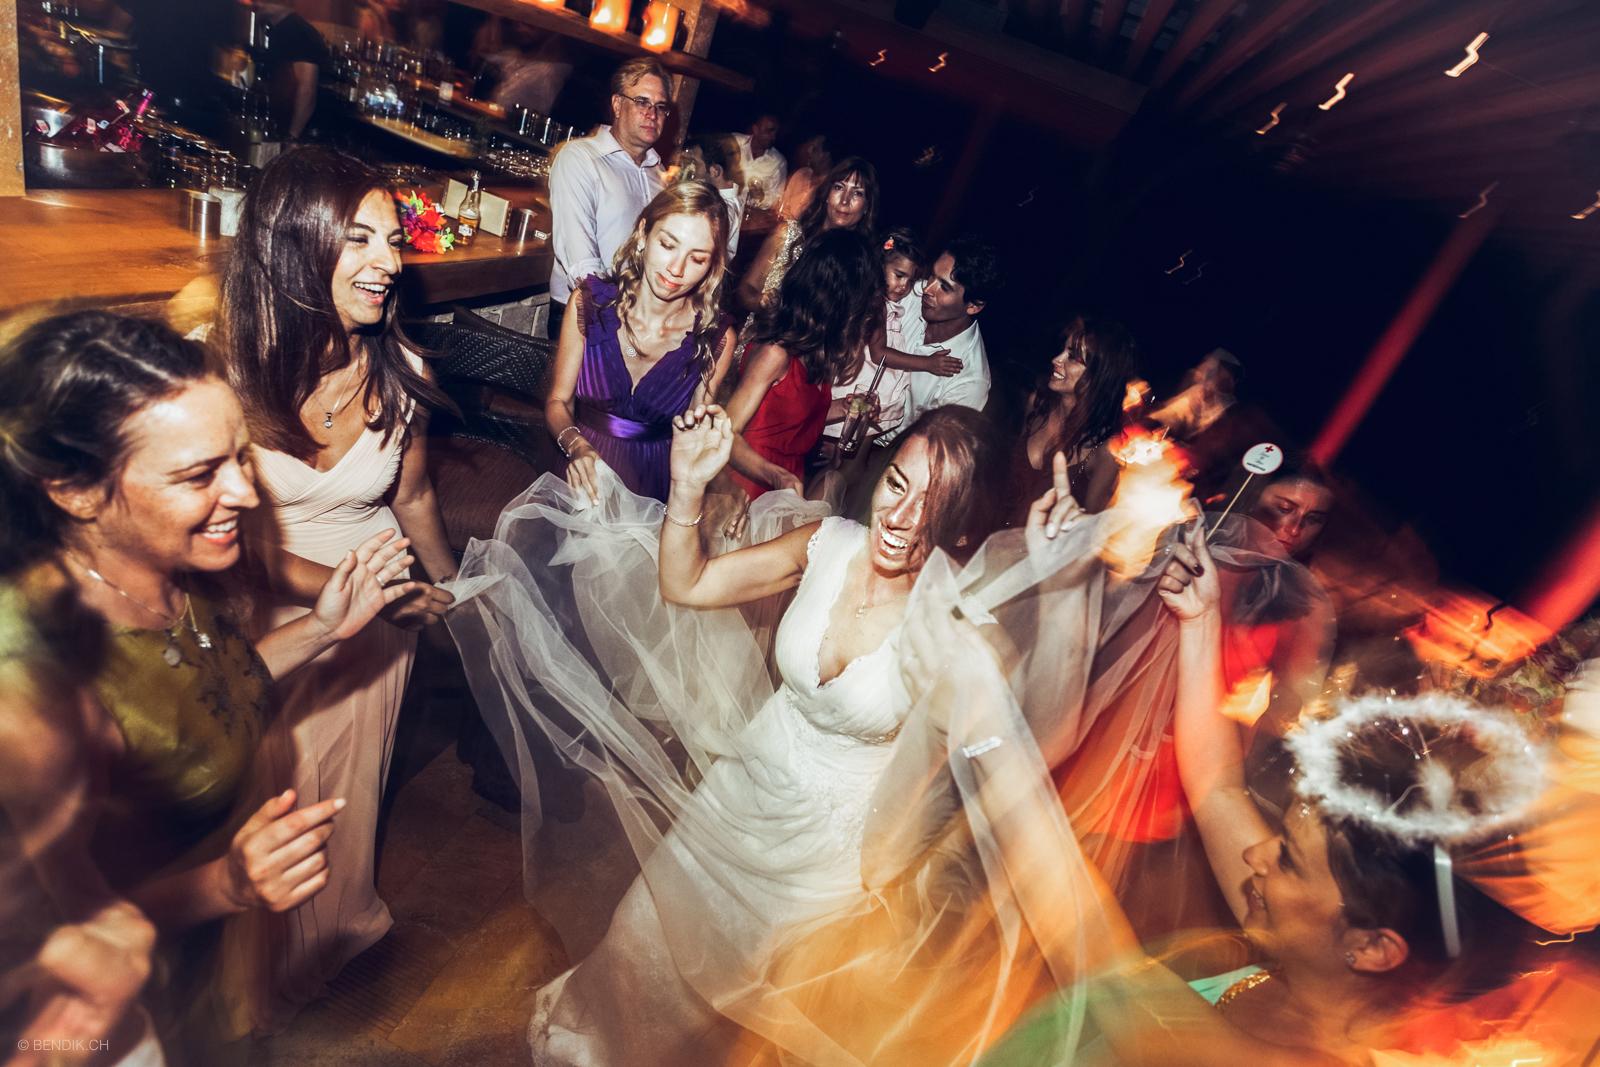 wedding_photoshoot_pinar_tolga20150913_090